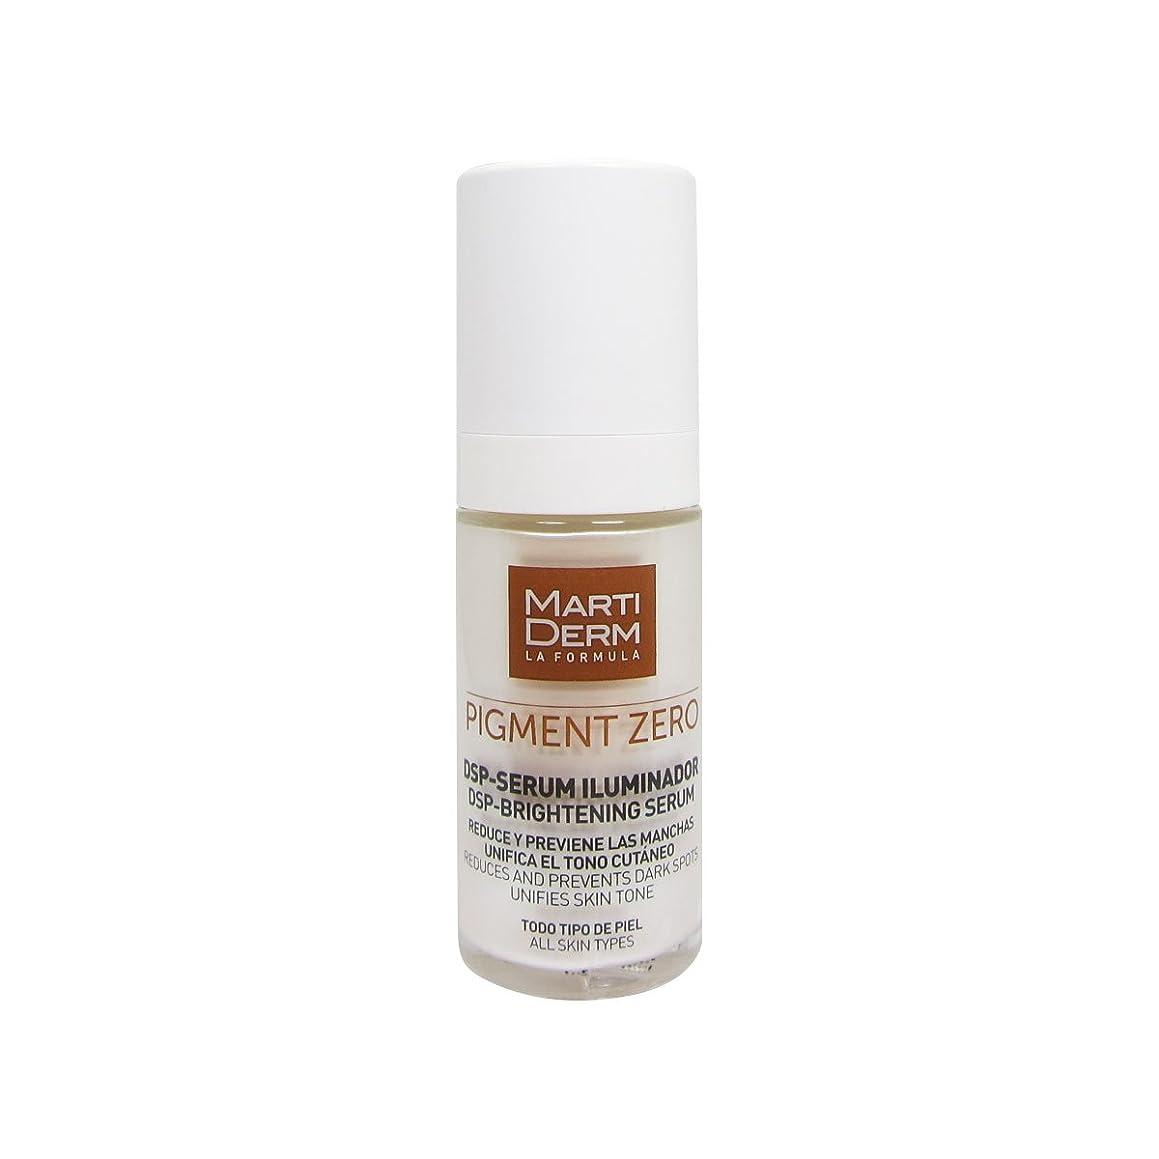 危険情熱工業用Martiderm Pigment Zero Dsp-brightening Serum 30ml [並行輸入品]